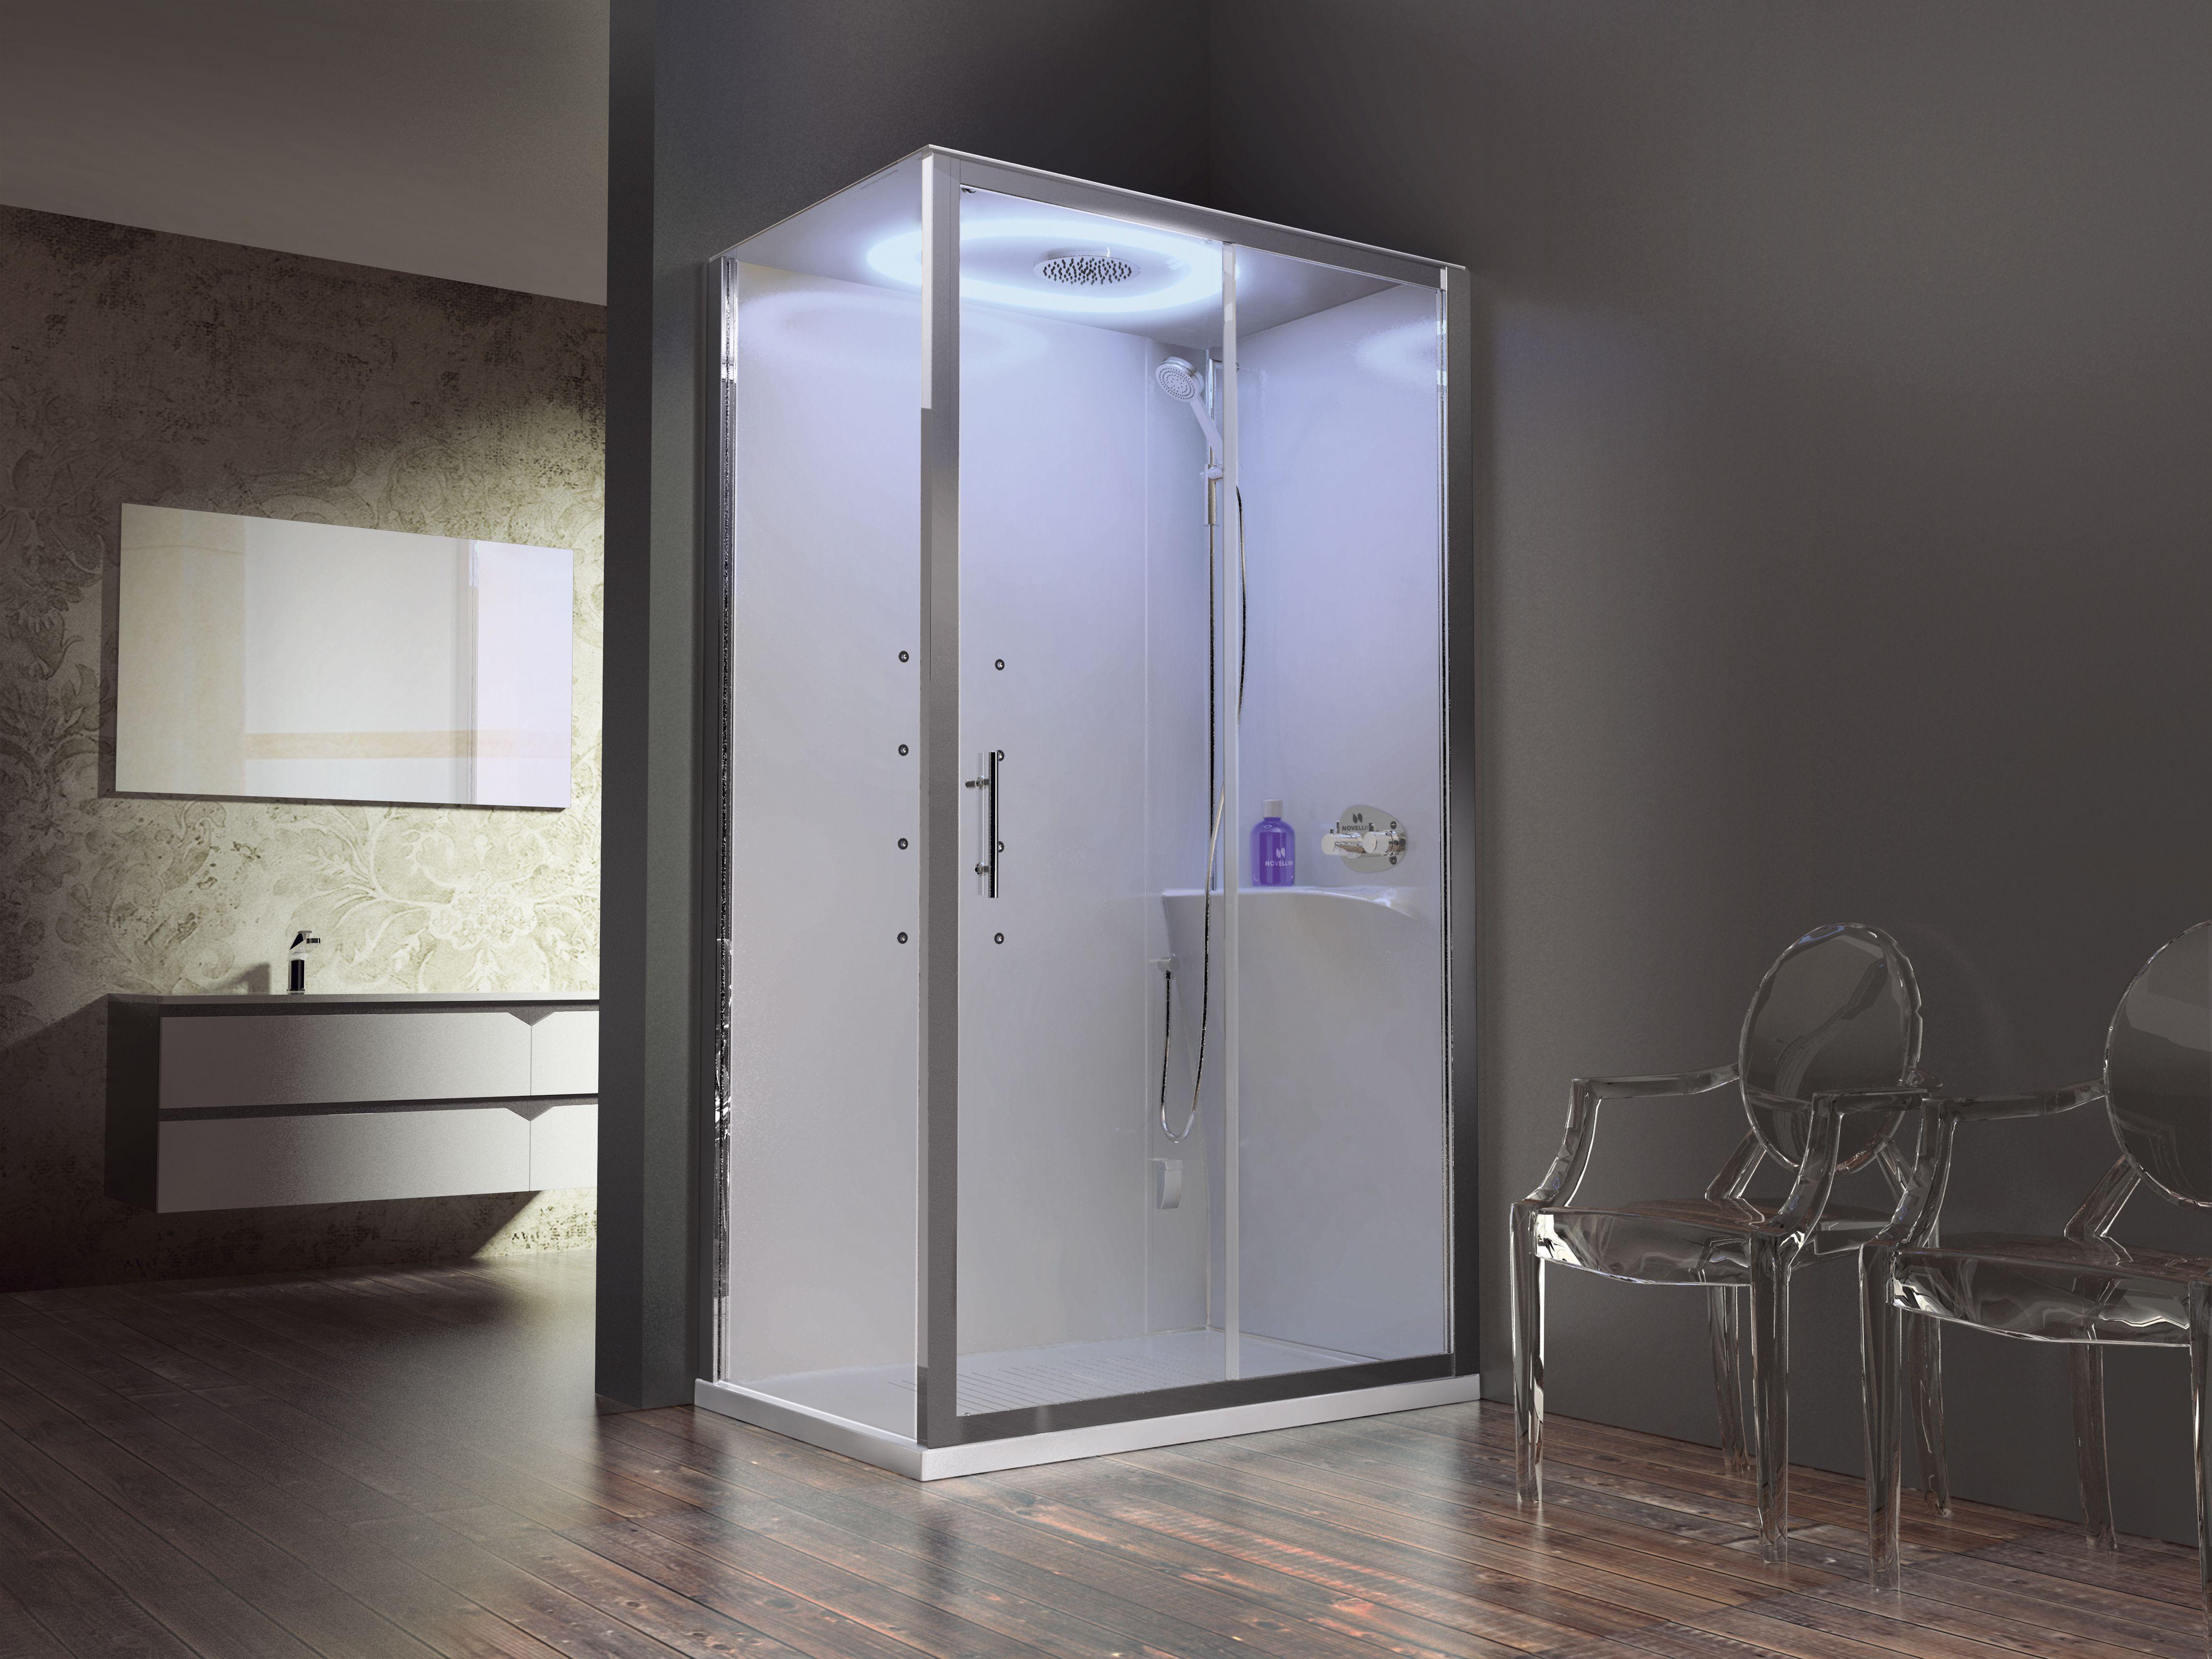 Inloopdouche Met Stoomcabine : Novellini eon stoomcabine luxe badkamers in